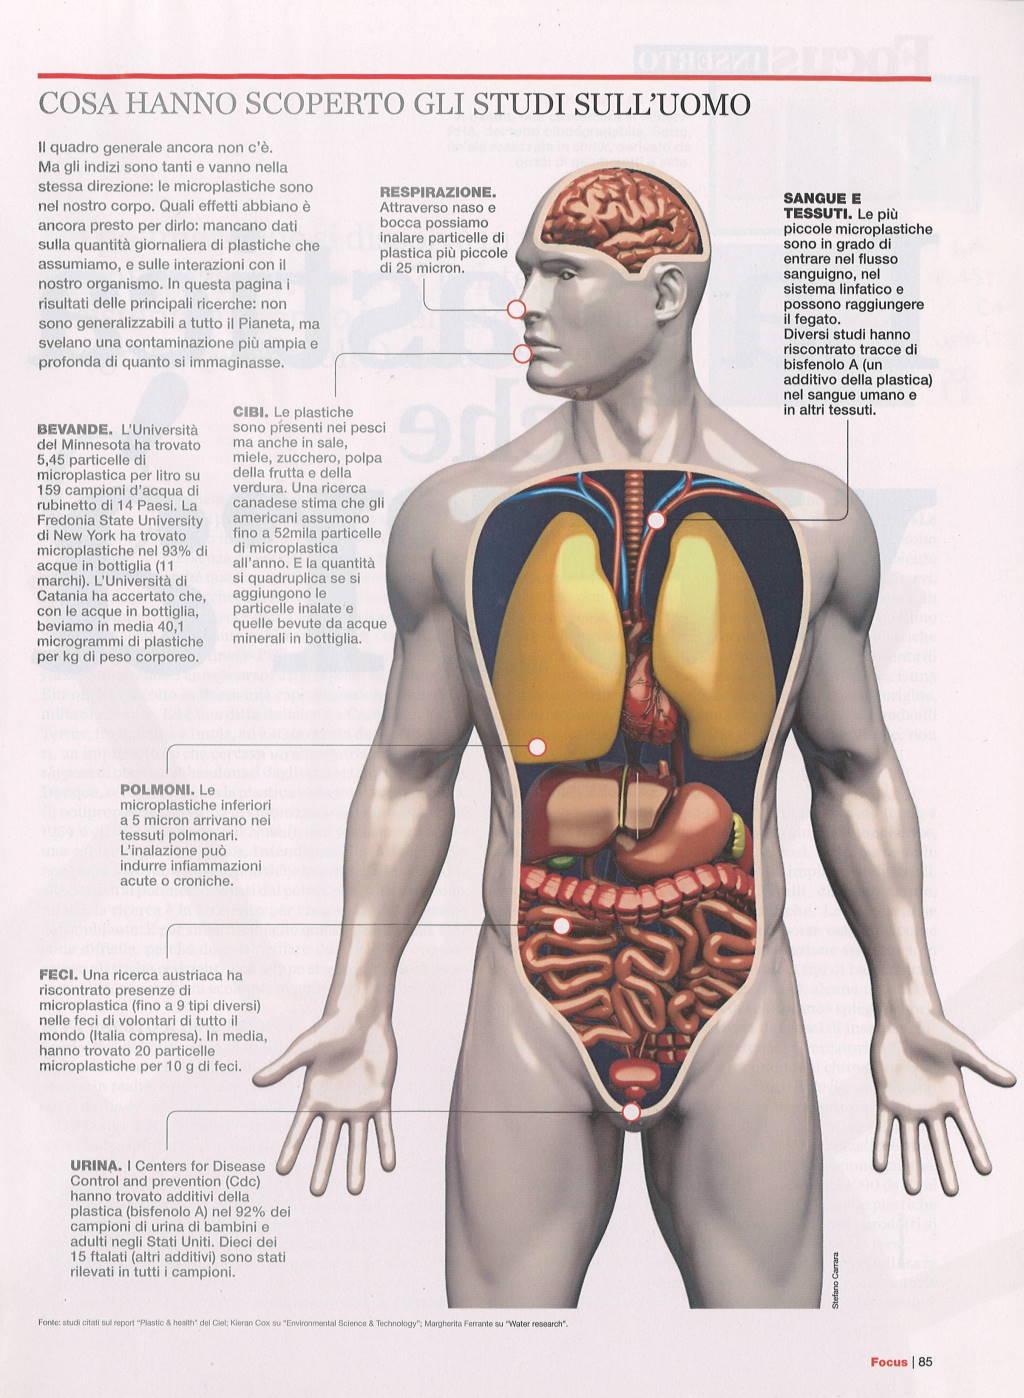 Microplastiche nel corpo umano 4